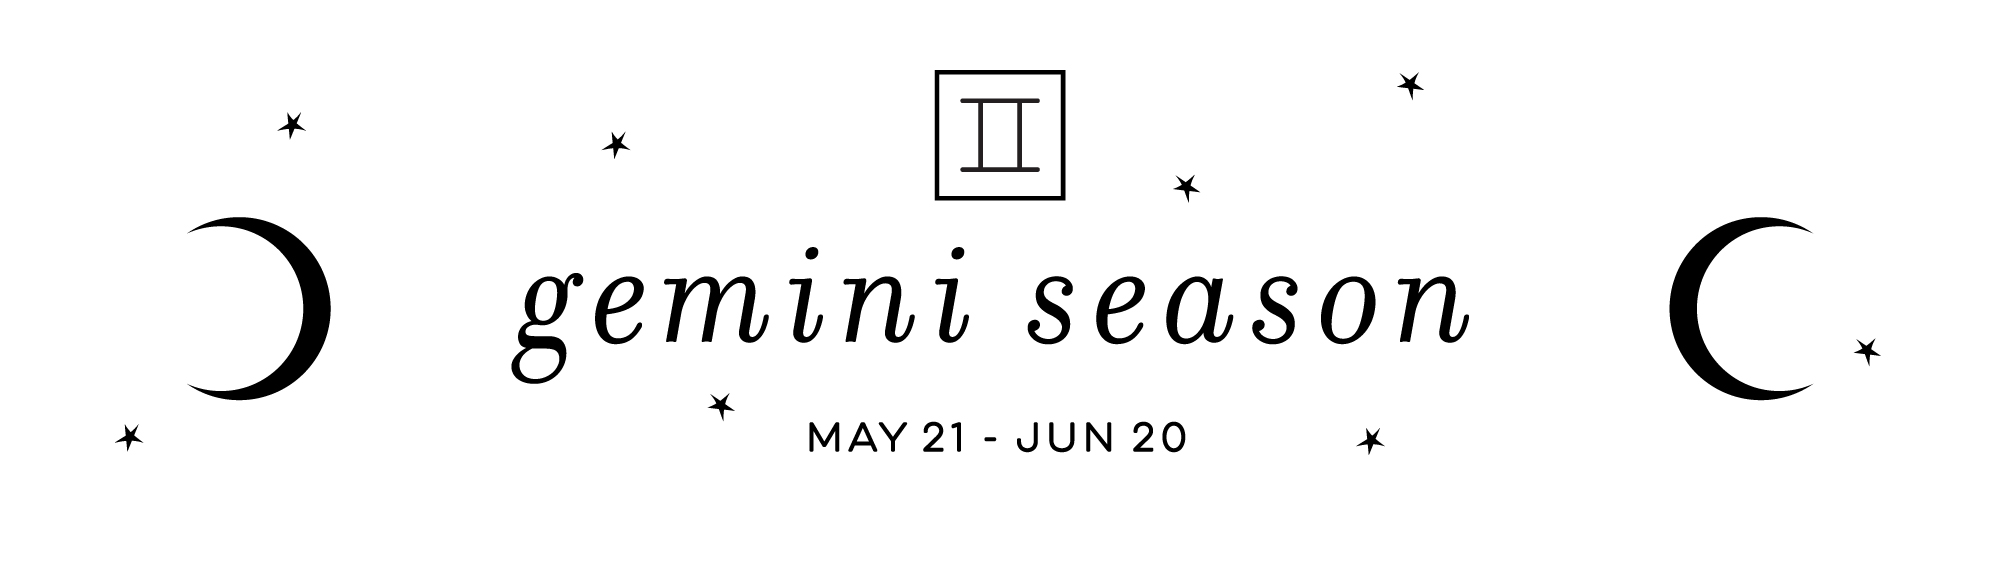 gemini_season.jpg